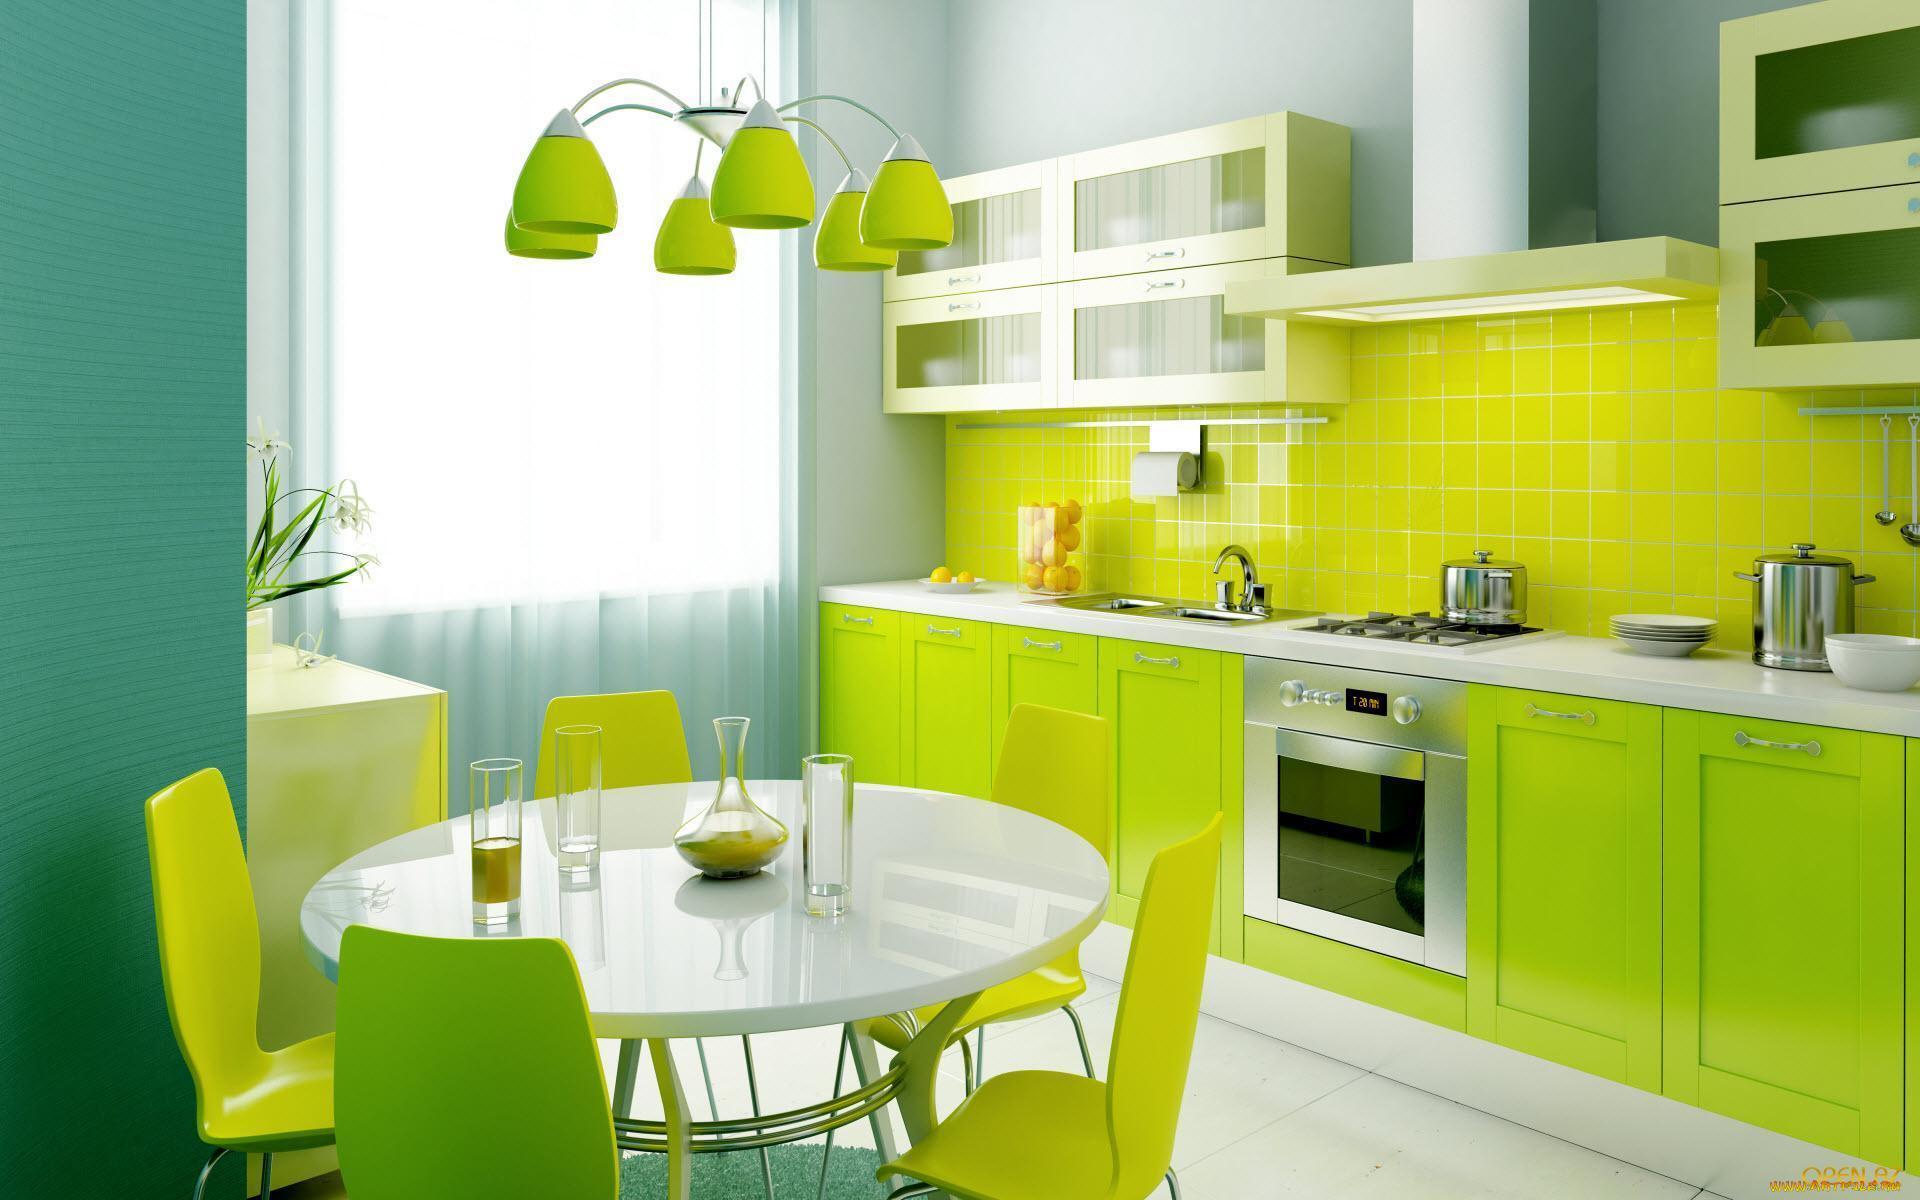 согласно этому картинки дизайн кухни в зеленом цвете суть выполнение